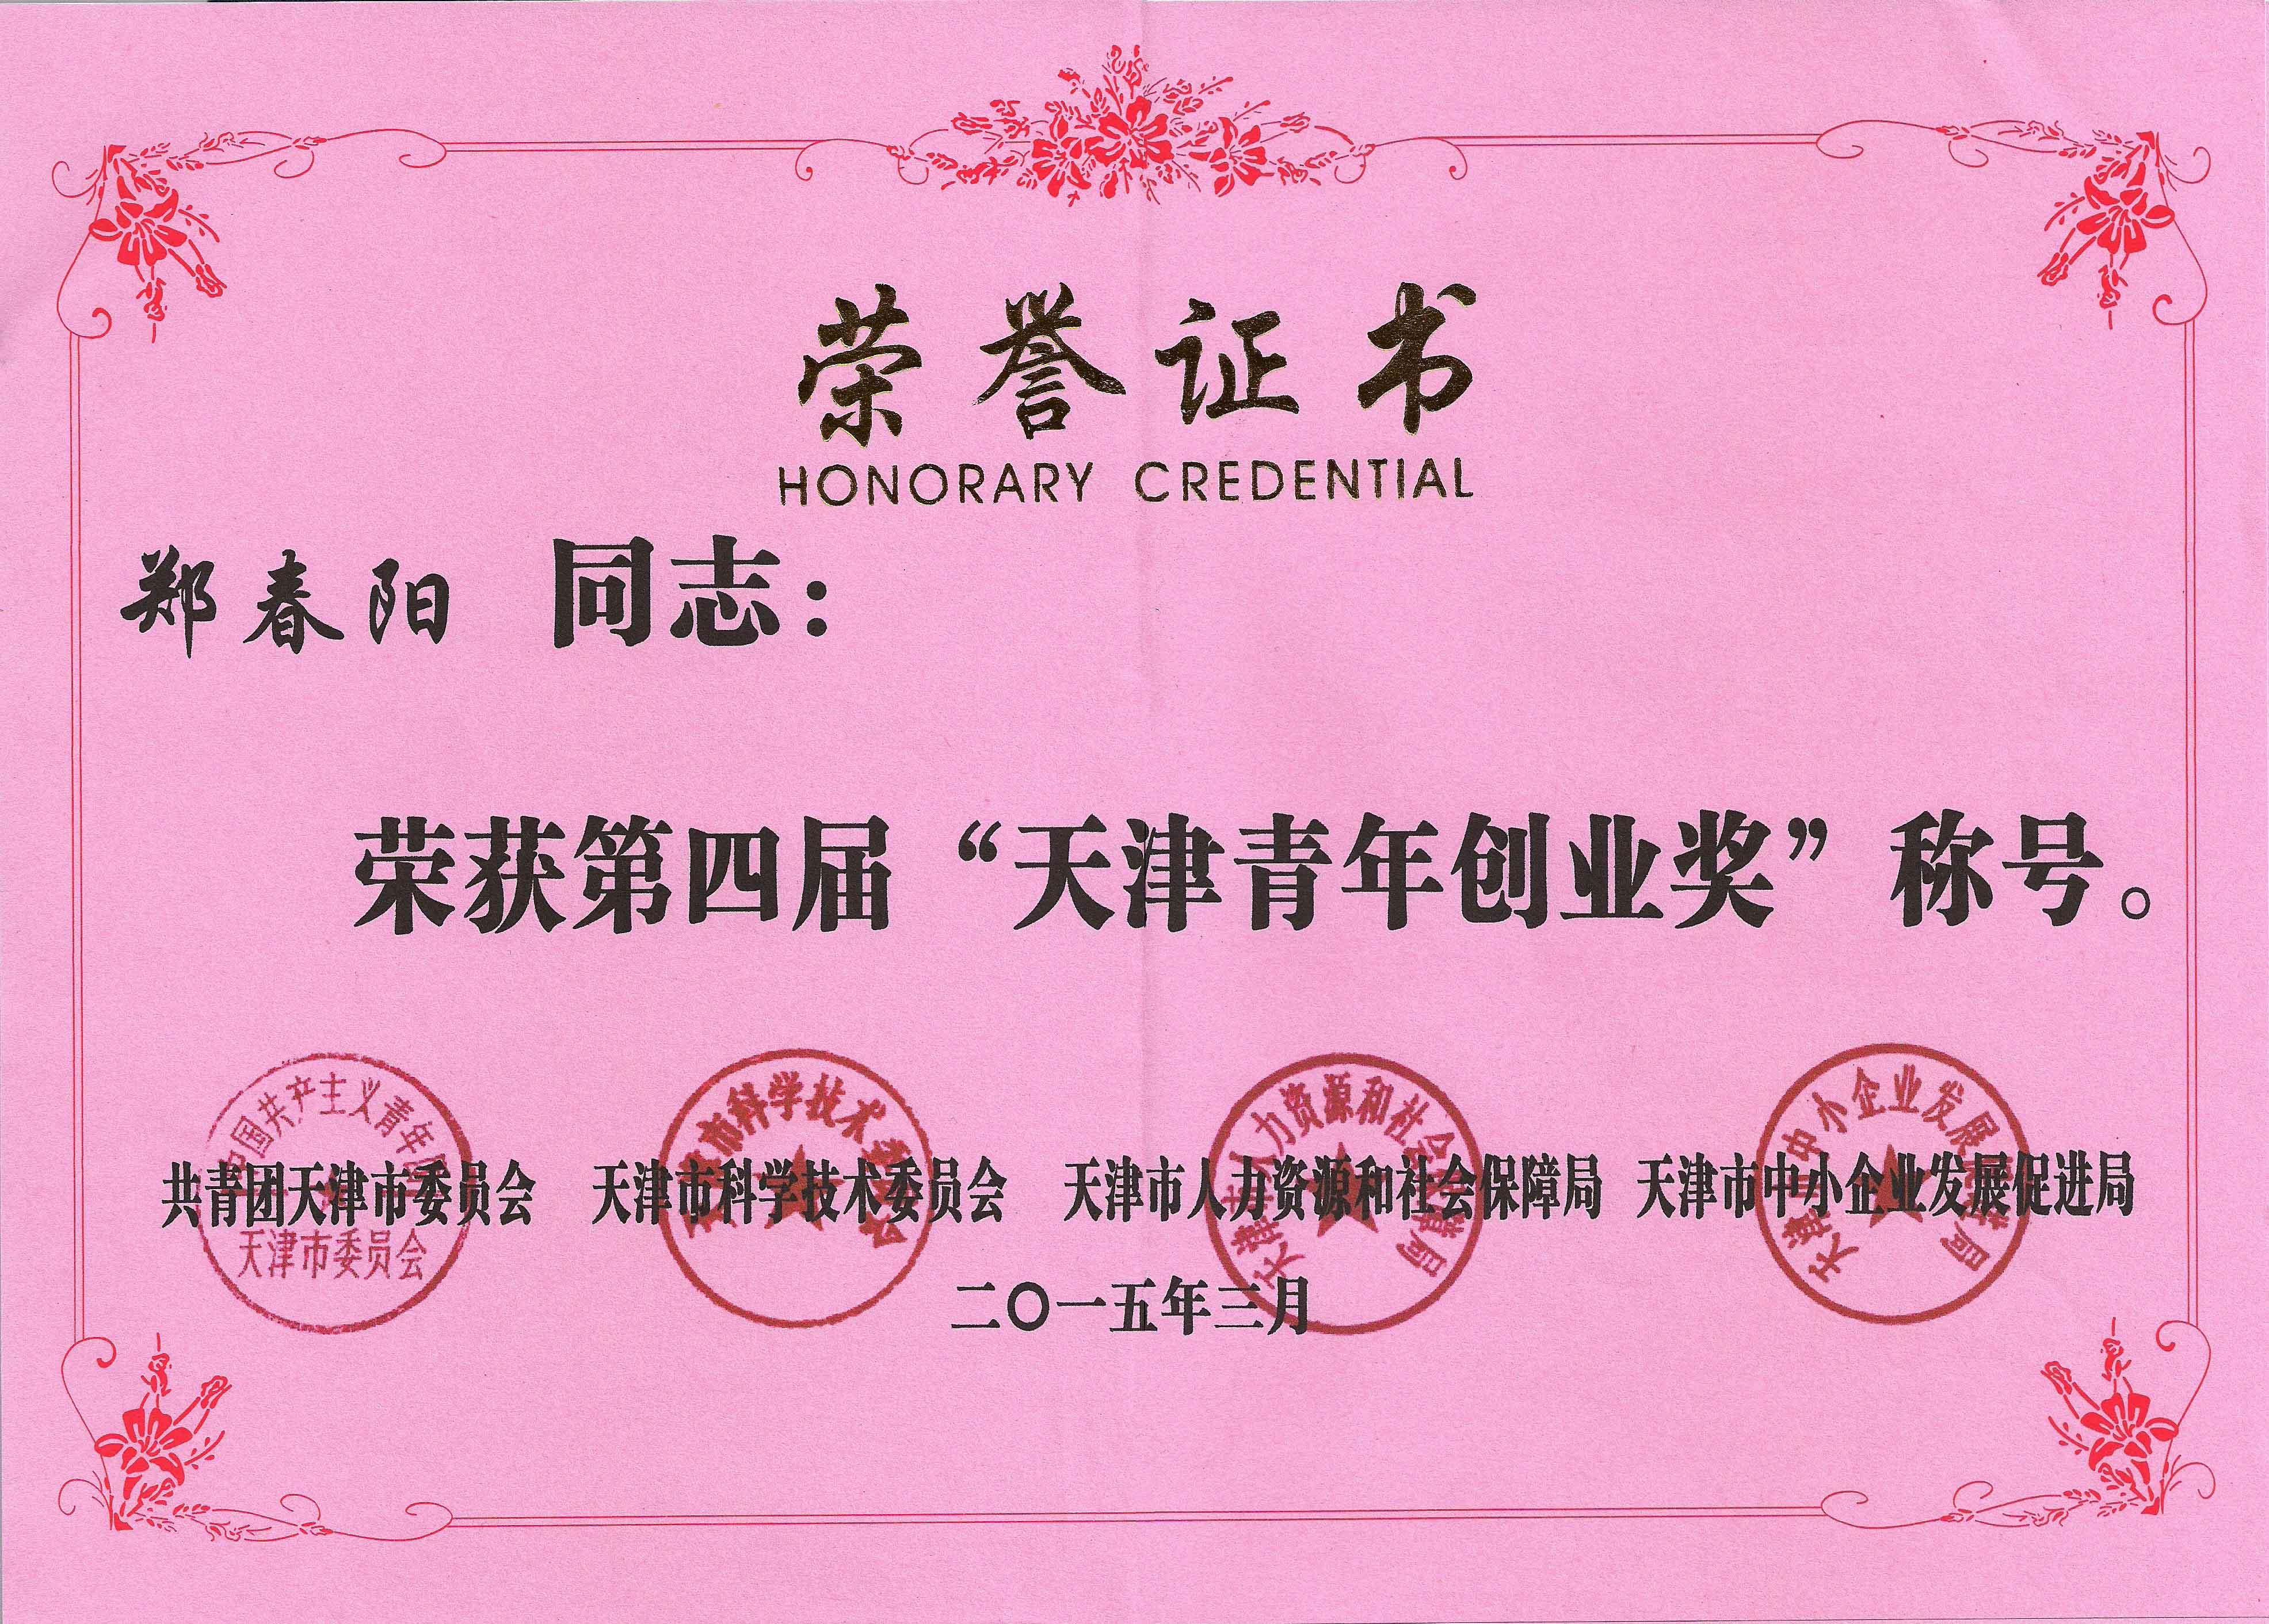 公司榮譽-天津青年創業獎